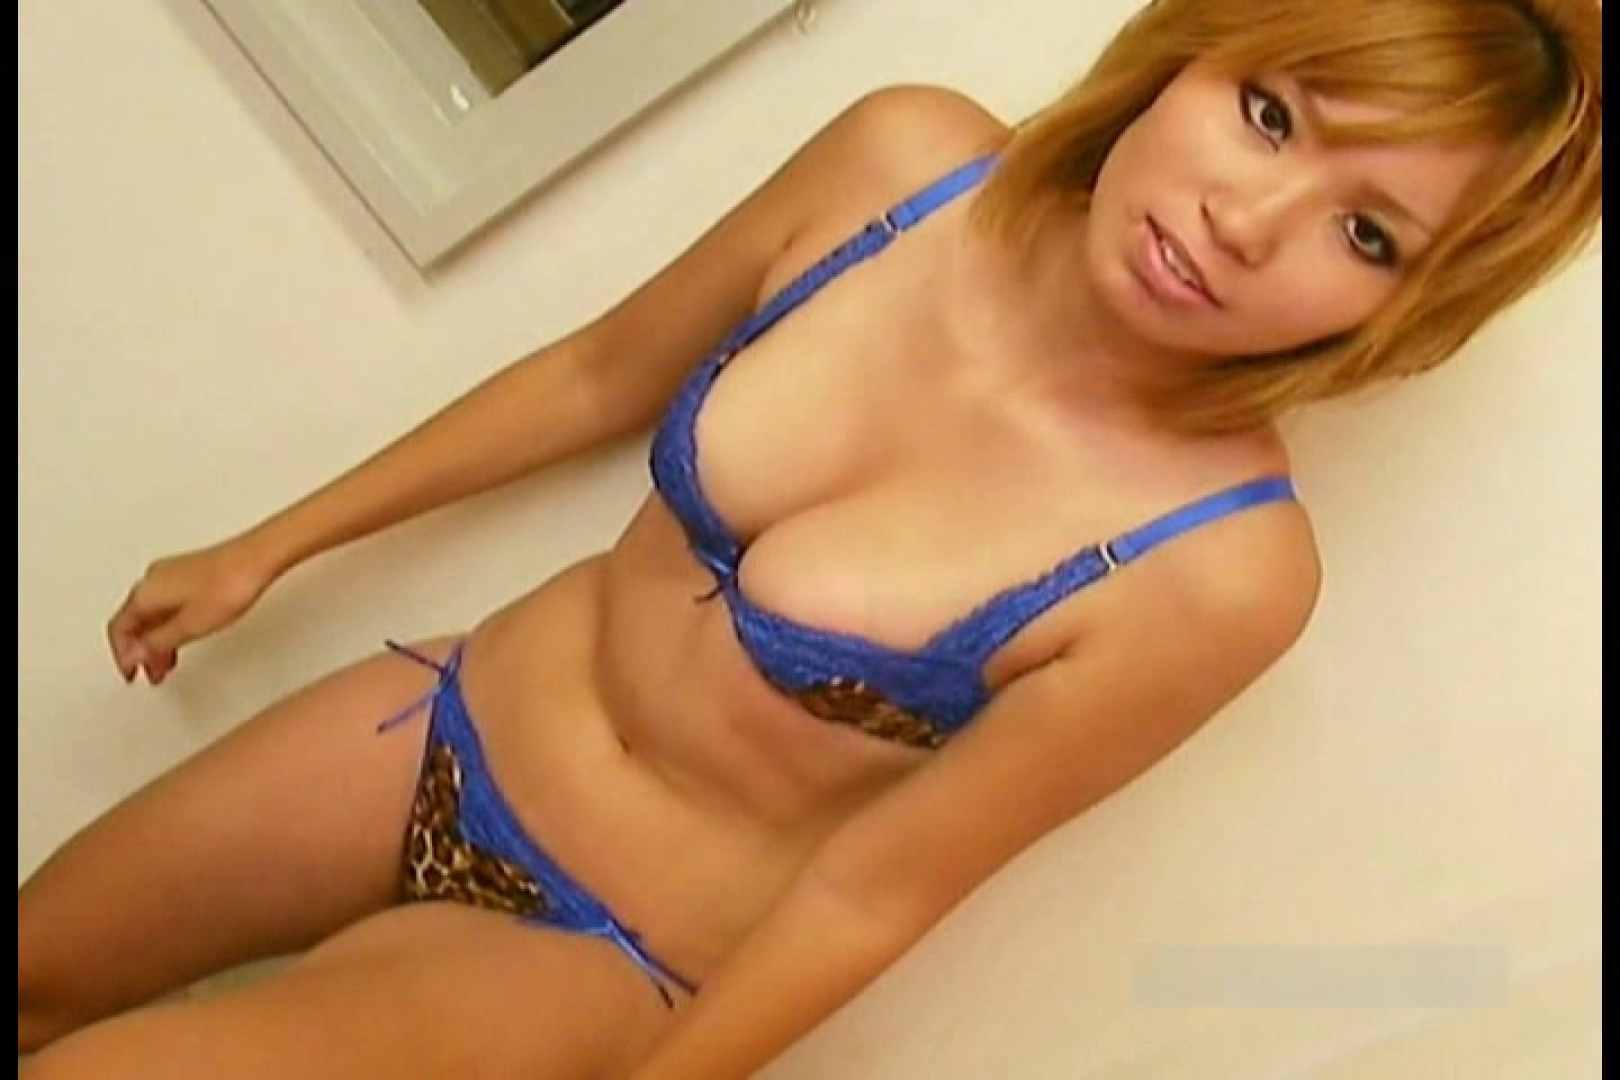 素人撮影 下着だけの撮影のはずが・・・りな18歳 盗撮 ヌード画像 72pic 16